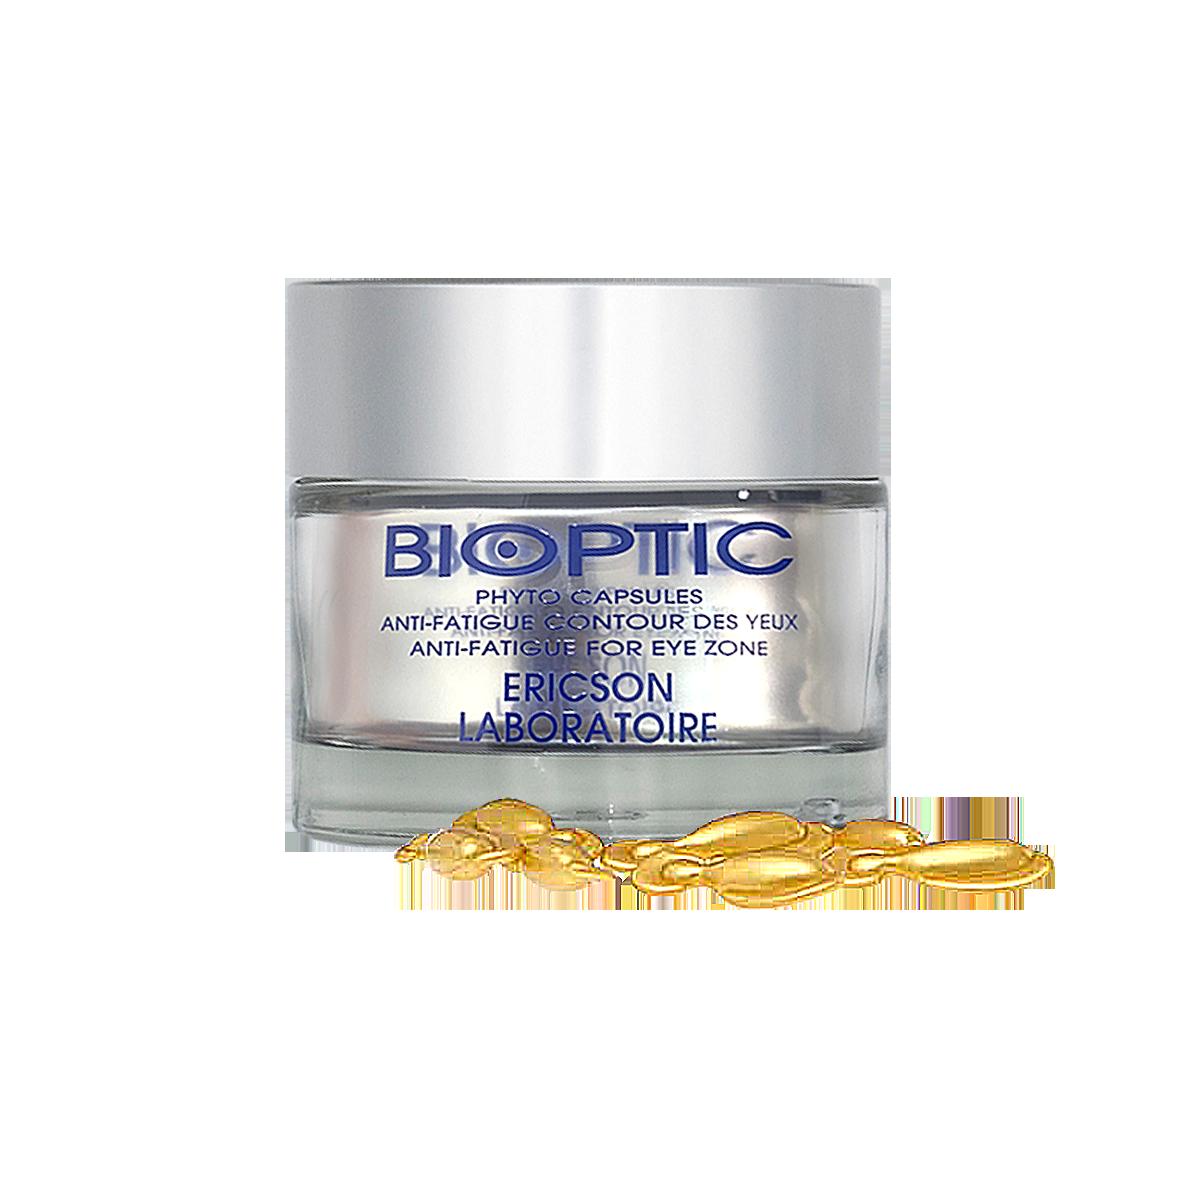 BIO OPTIC E232 - Viên nang thực vật chống mỏi mắt Anti – Fatigue Phyto Capsules